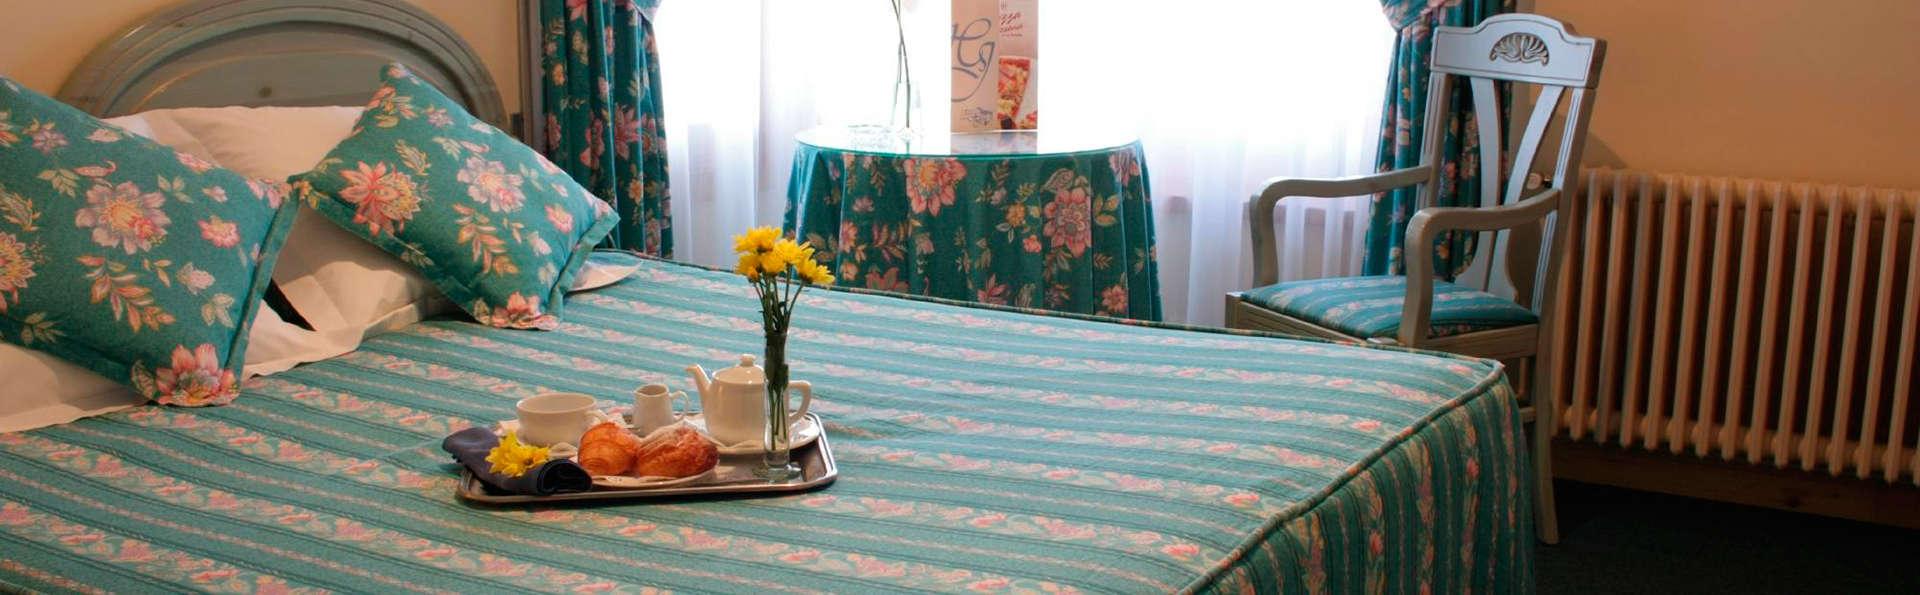 Hotel Jaume - EDIT_room1.jpg